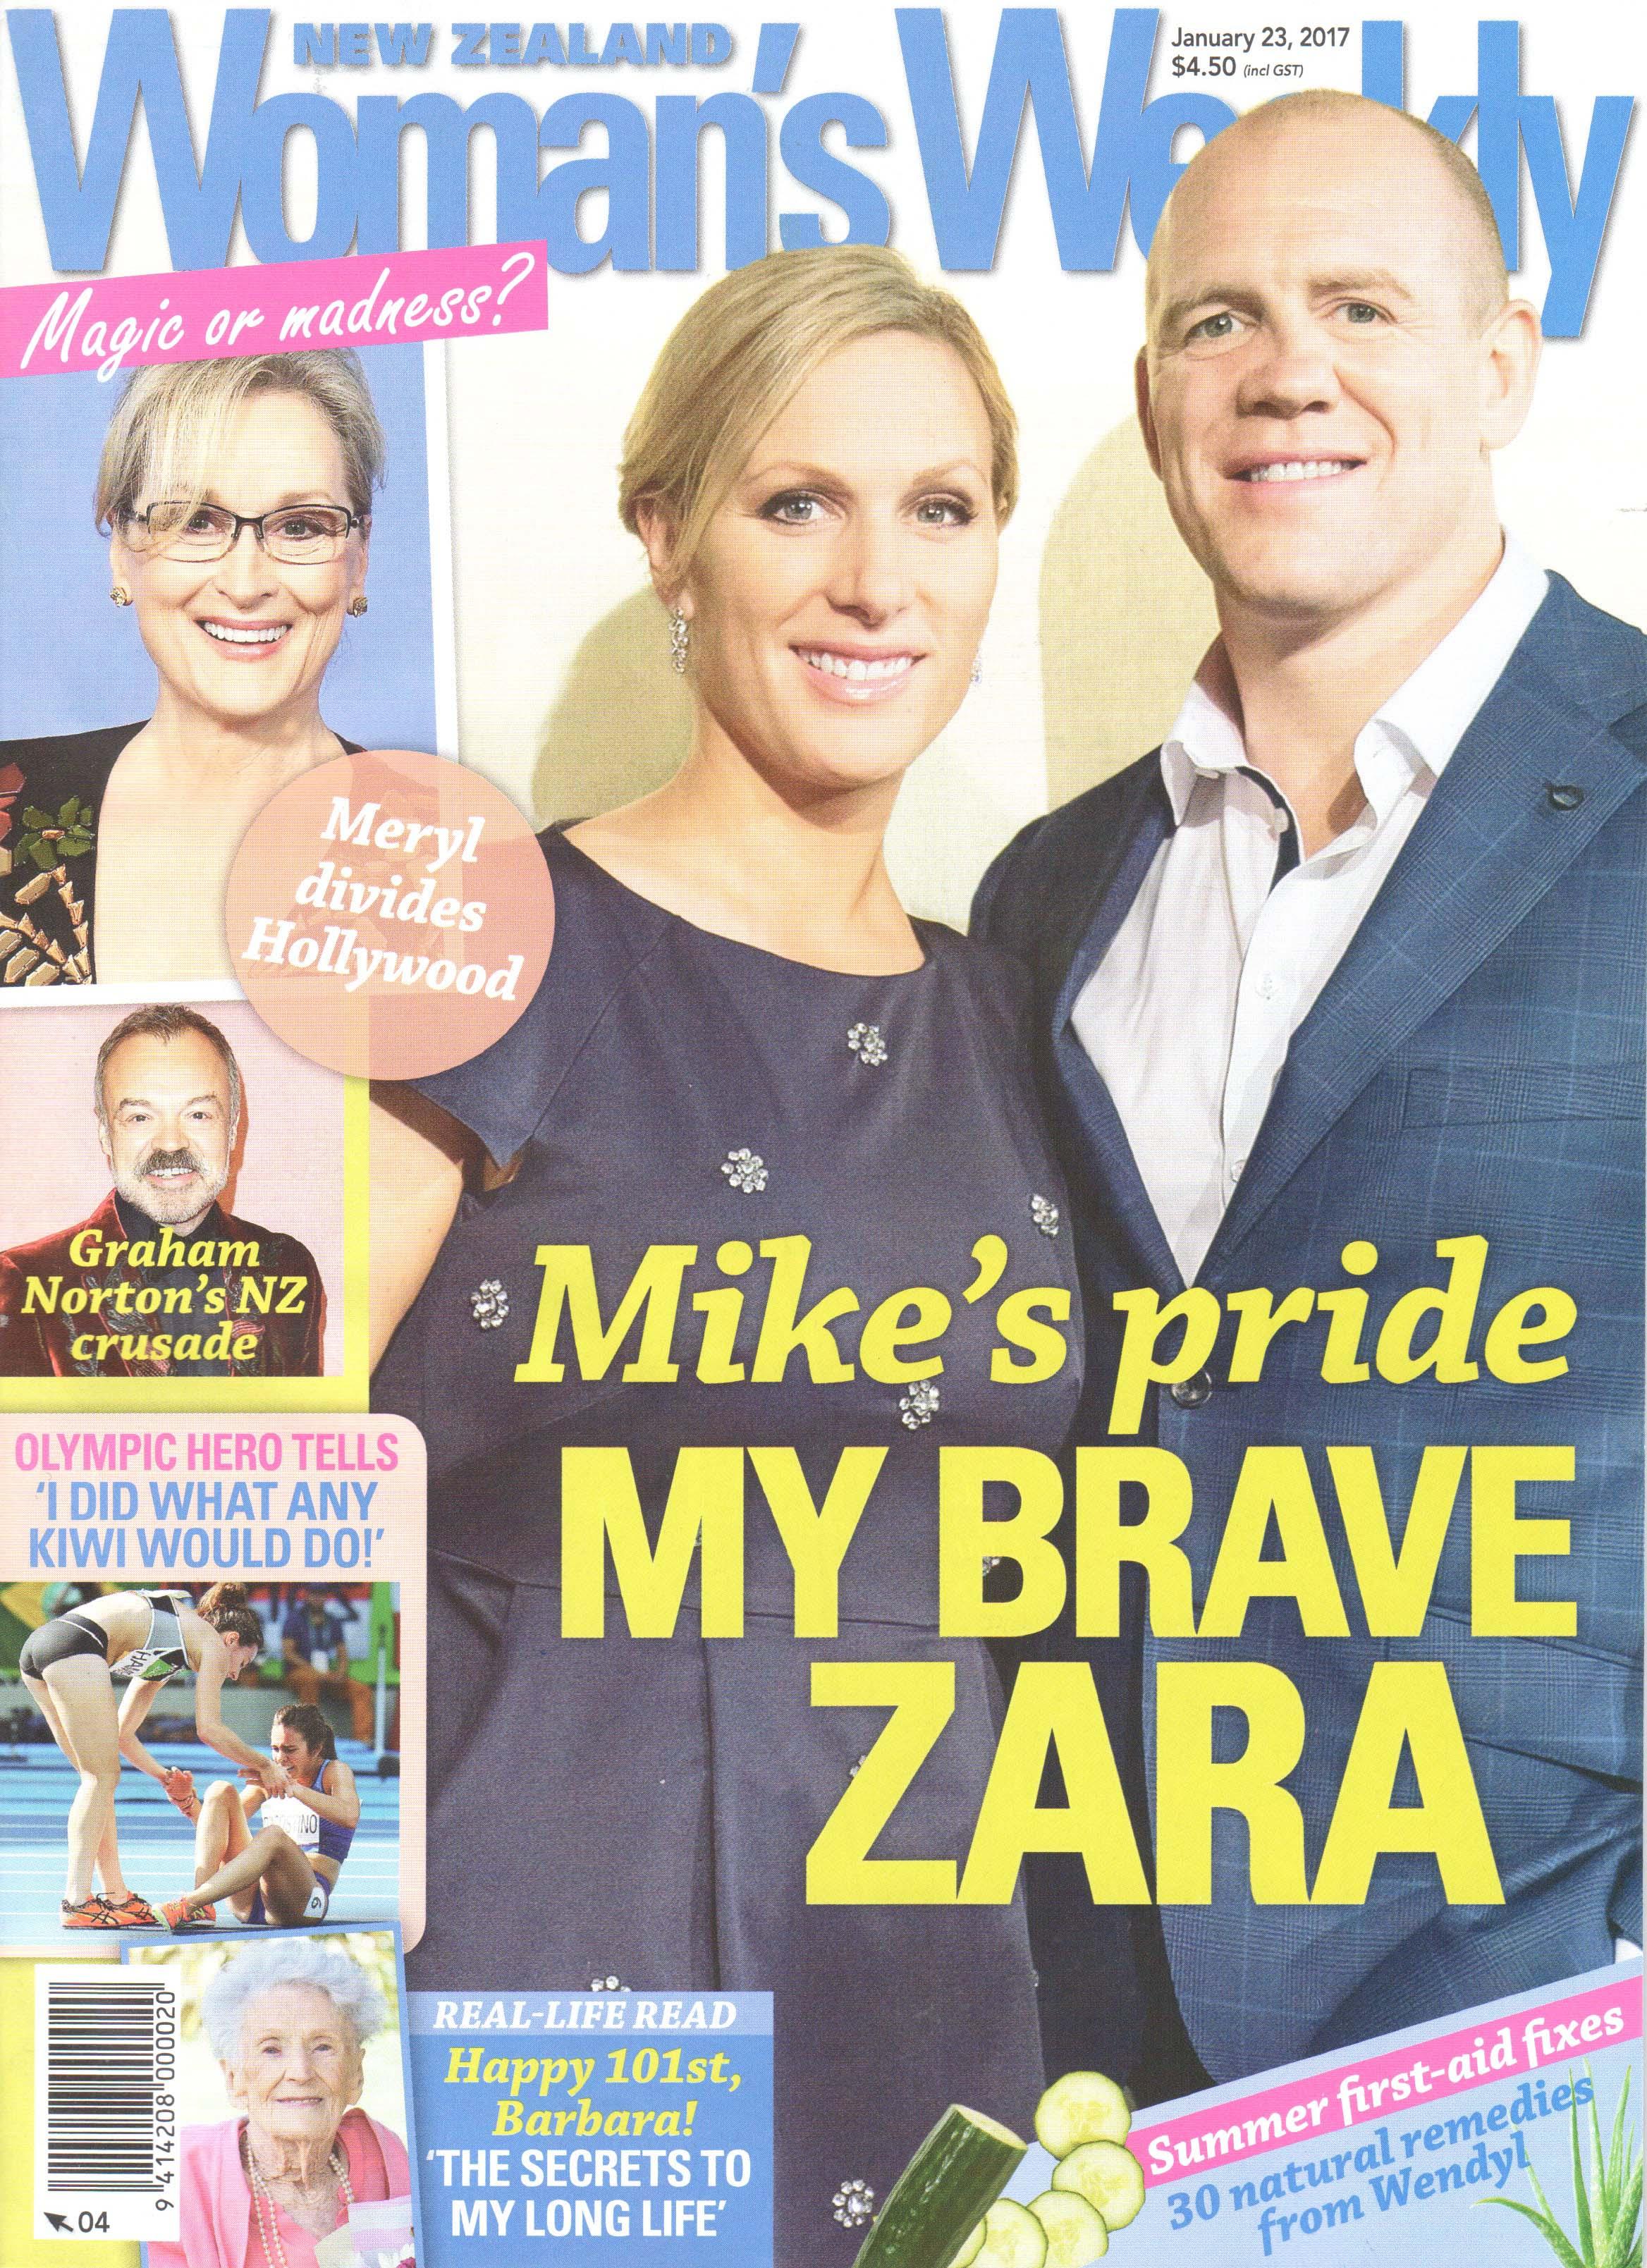 NZWW Cover 23 Jan 17.jpg